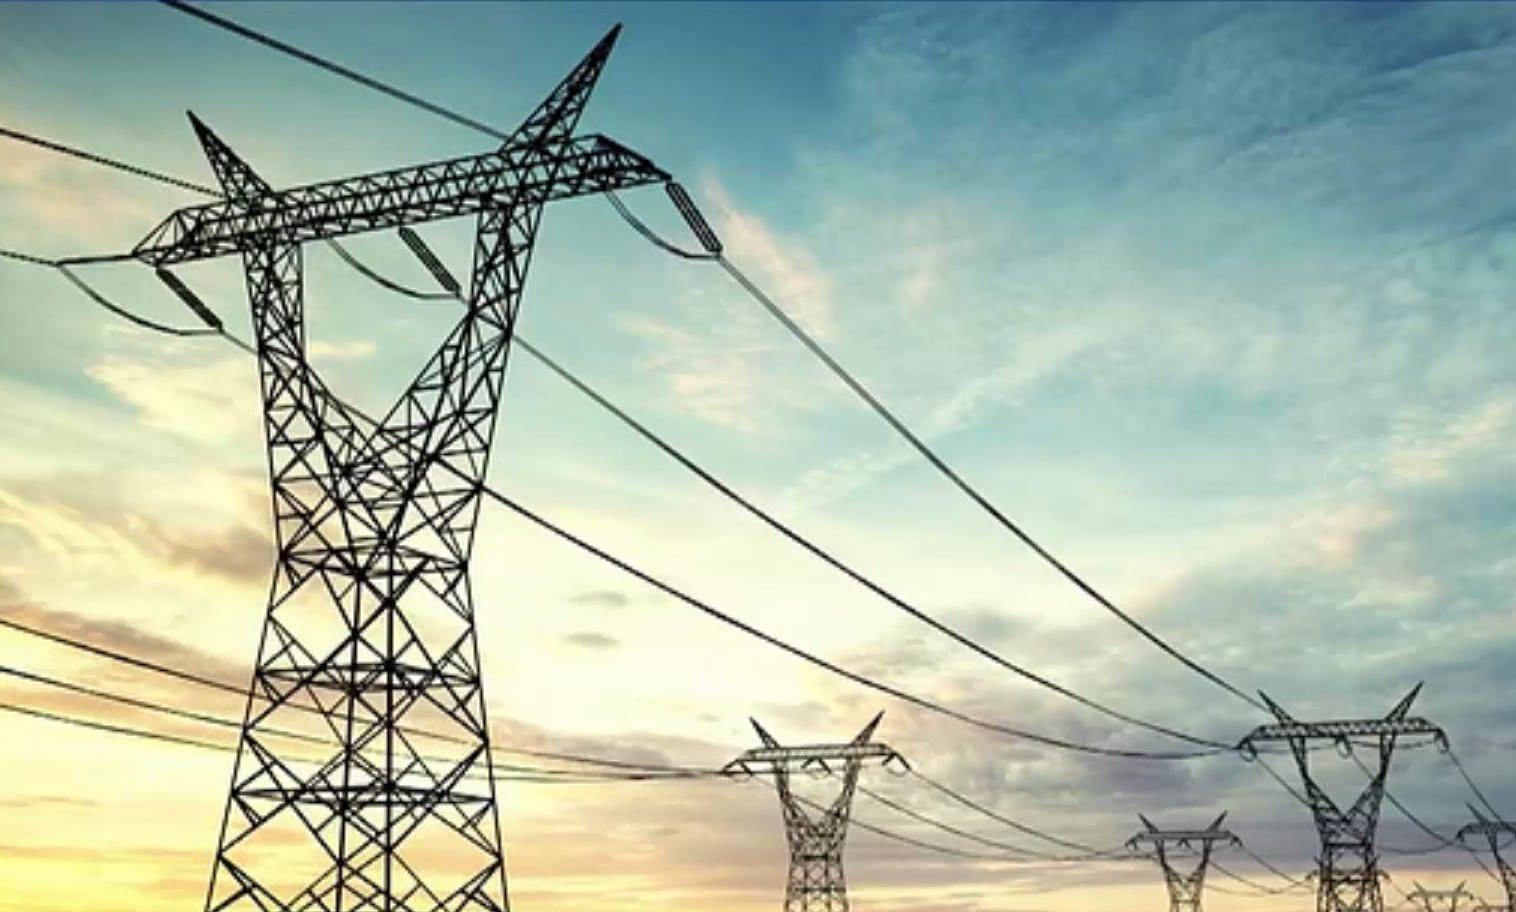 أسعار كهرباء - أزمة الكهرباء - الكهرباء في ليبيا